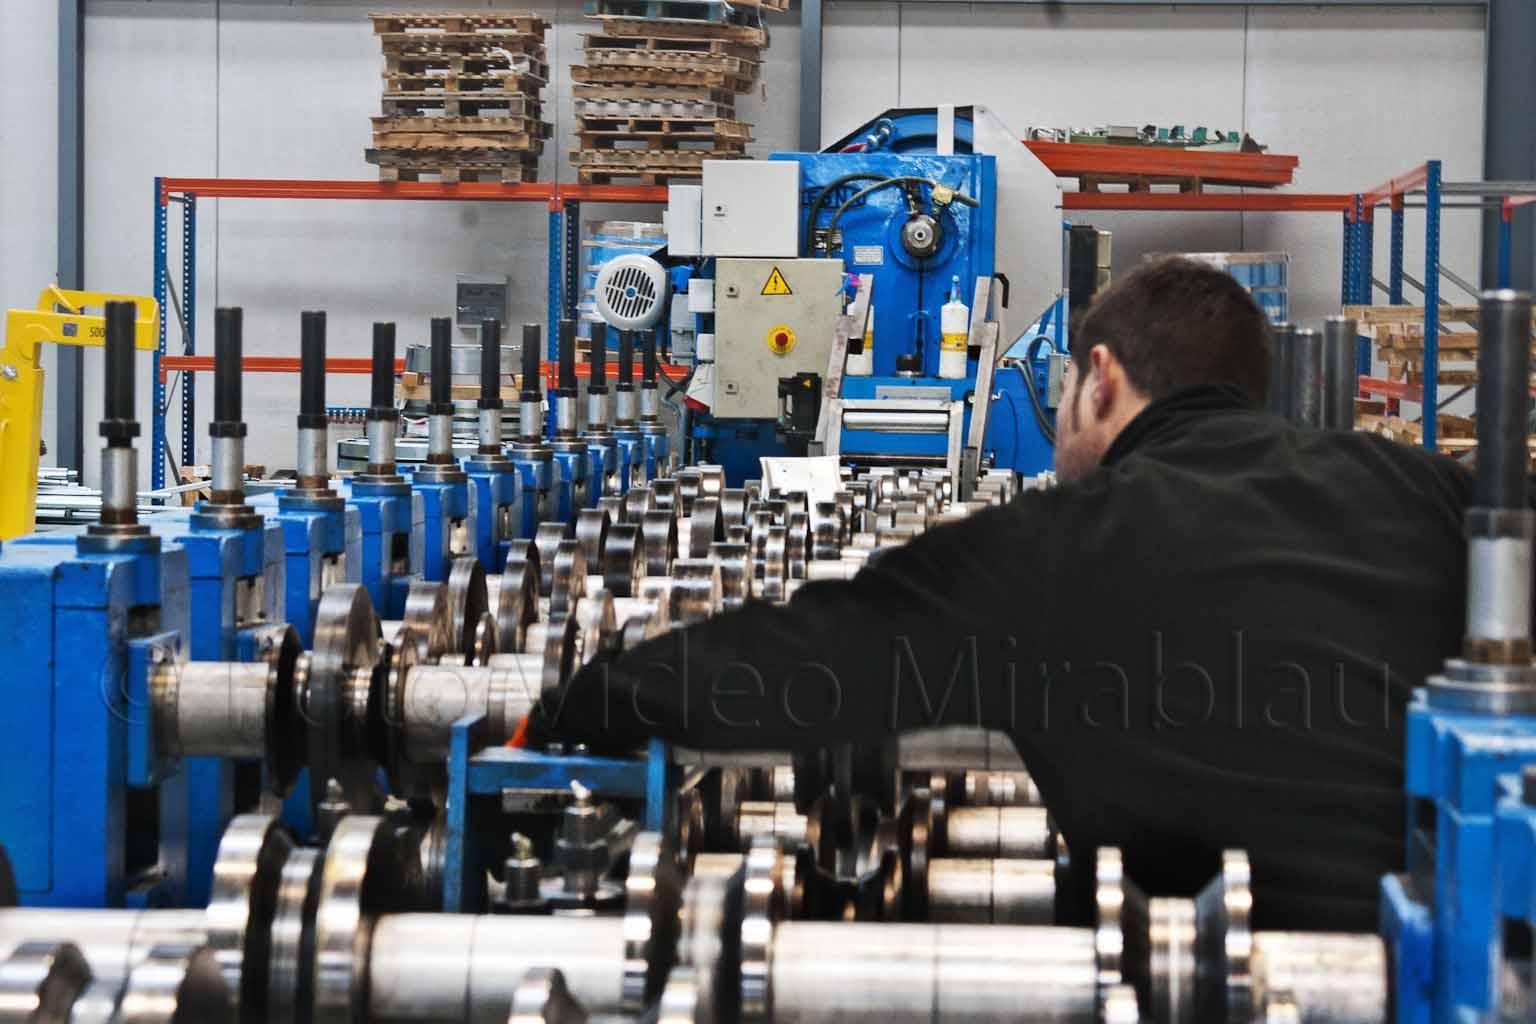 Foto maquinaria industrial. Mantenimiento maquinaria para persianas. Elda.